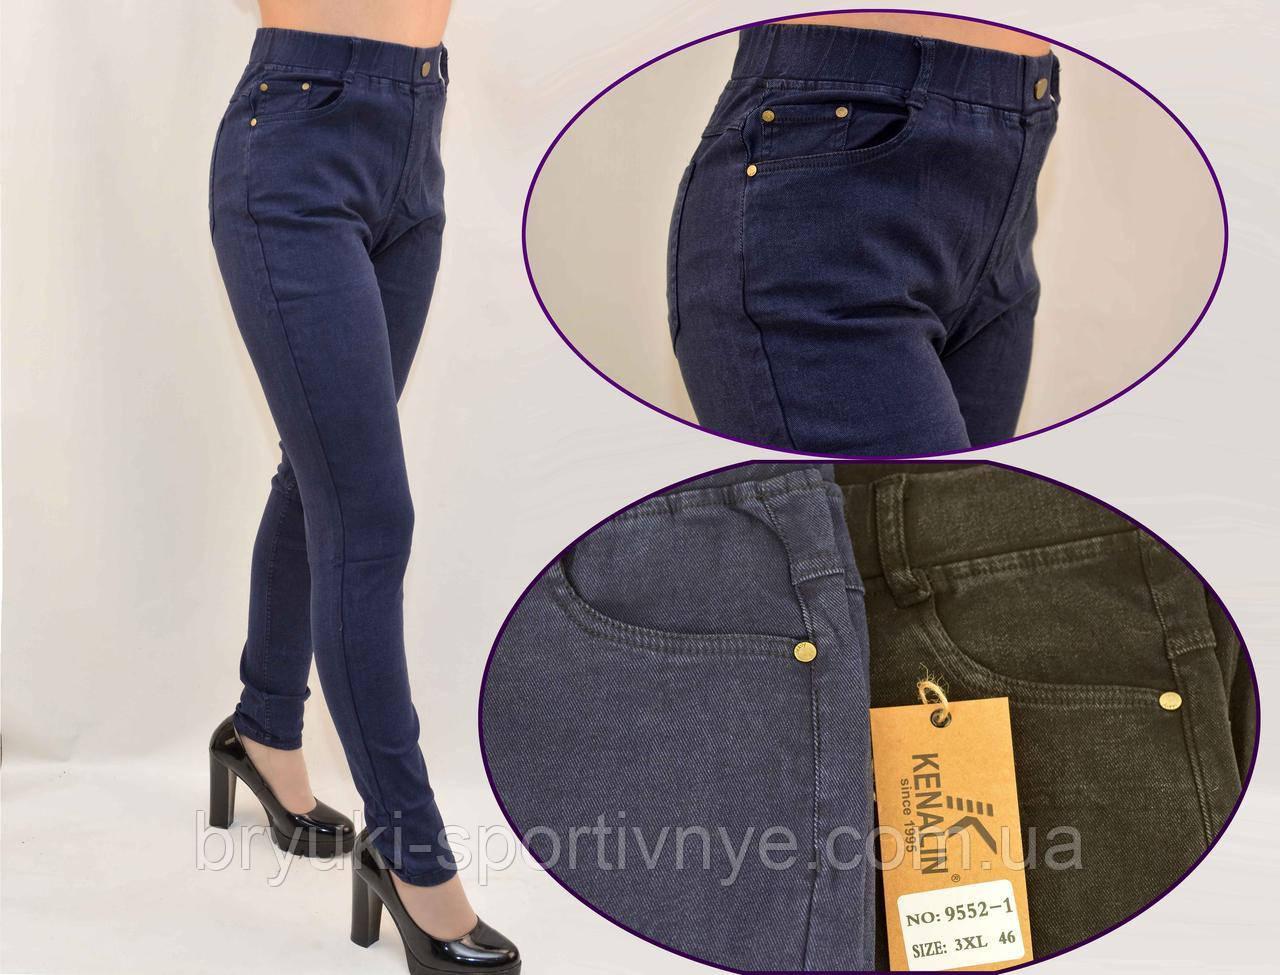 Джинсы женские в больших размерах с боковыми и задними карманами 3XL - 6XL ( Обязательно выбрать размер!)